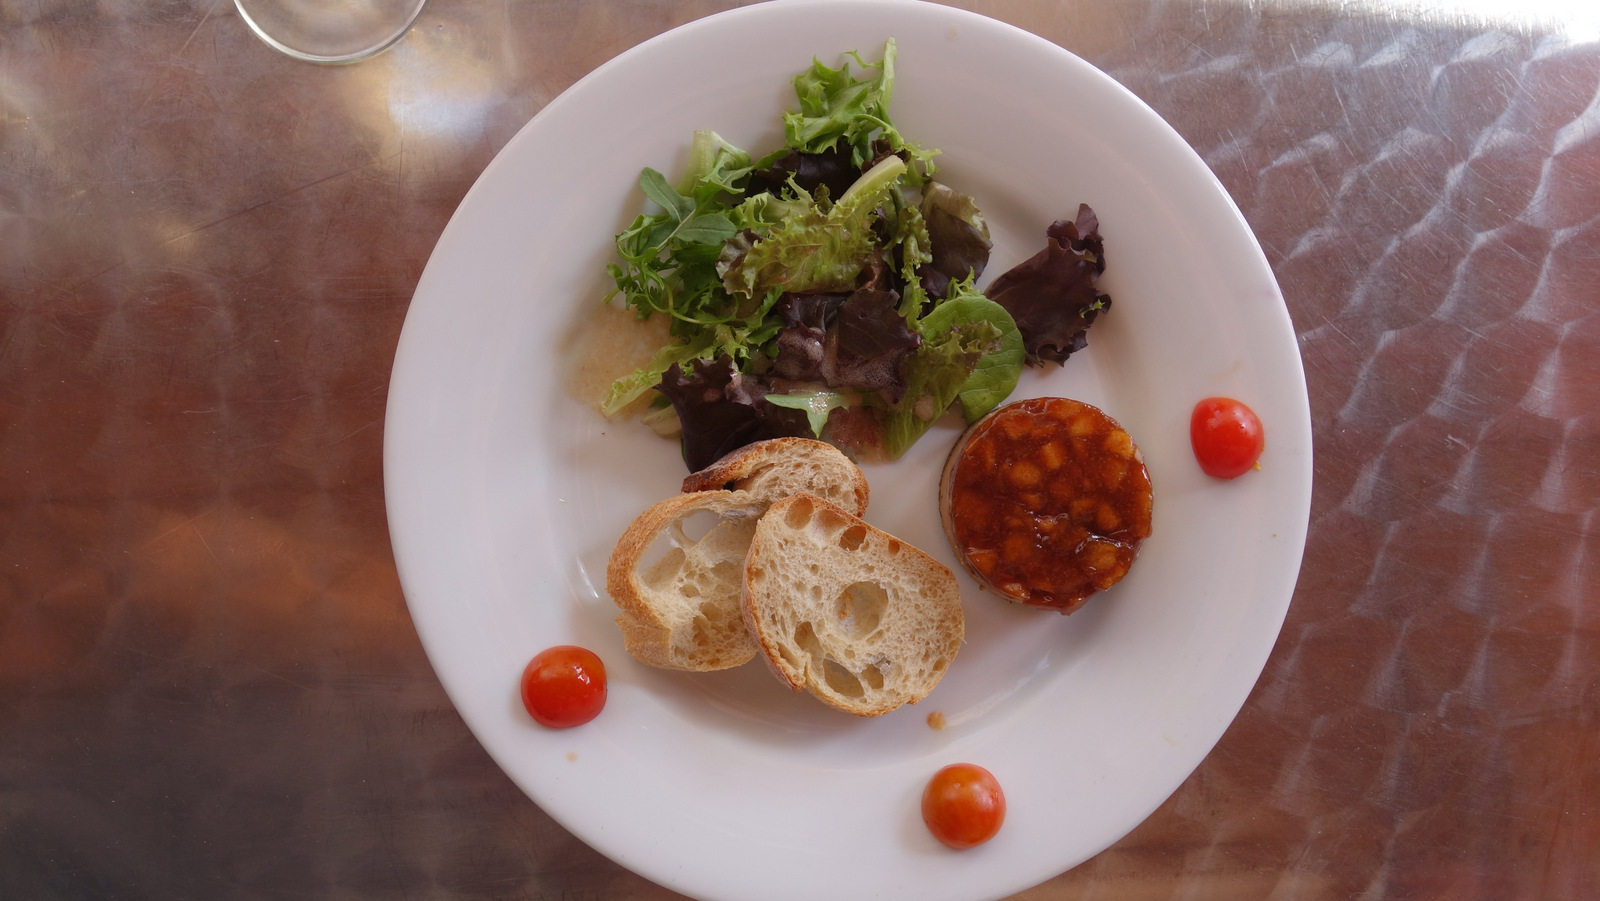 Tatin de foie gras et pommes caramélisées